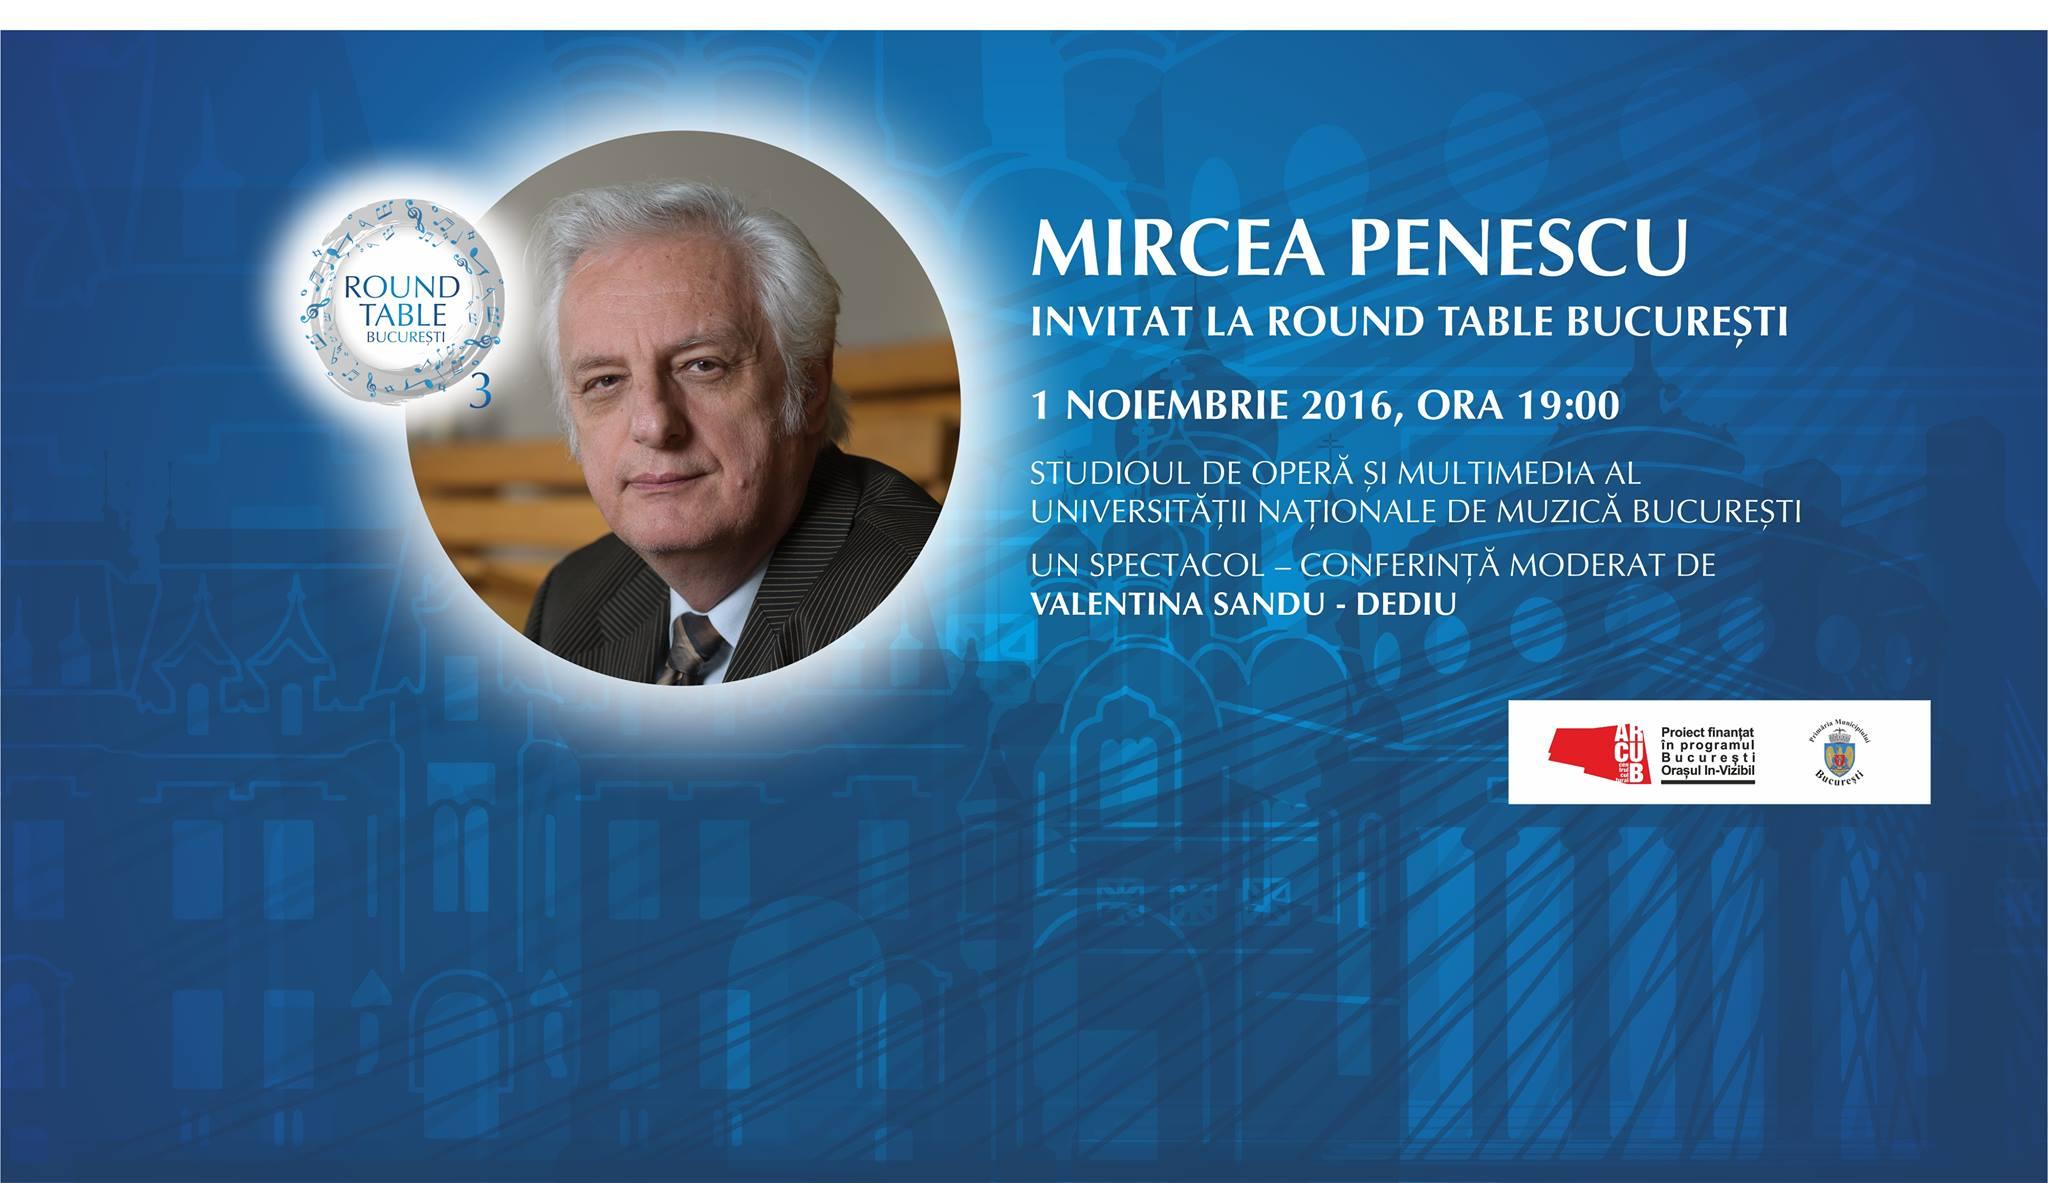 mircea-penescu_rtb